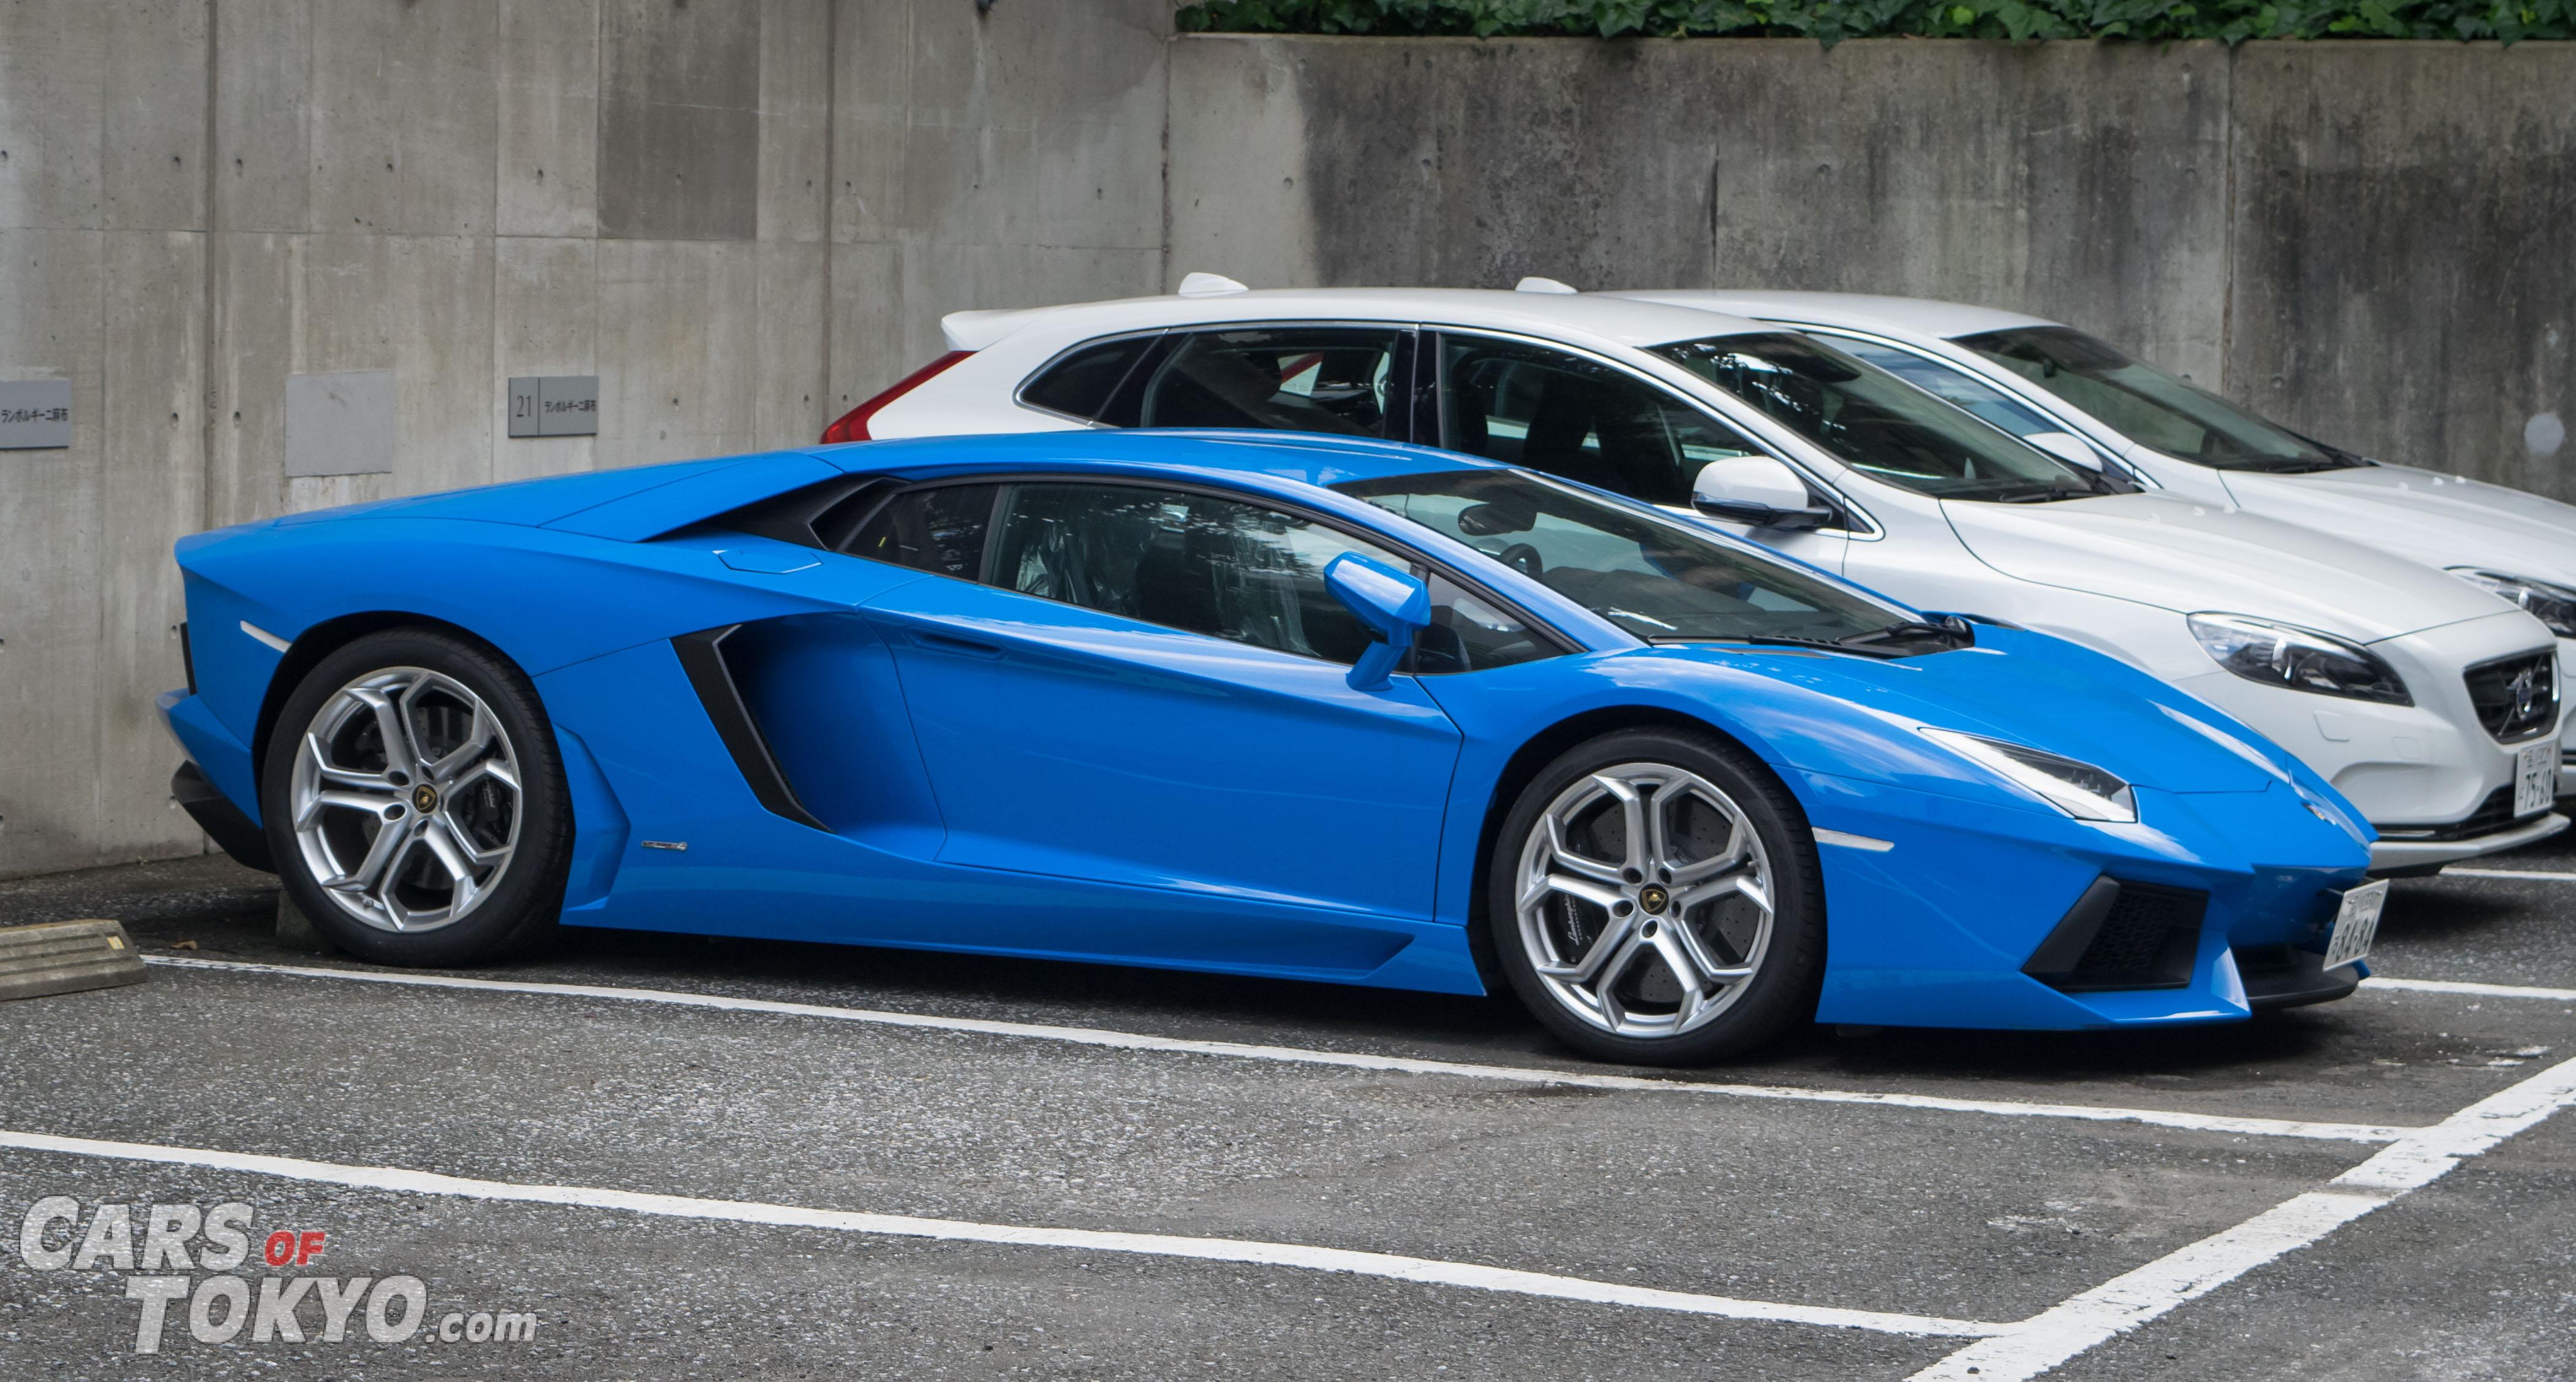 Cars of Tokyo Clean Lamborghini Aventador